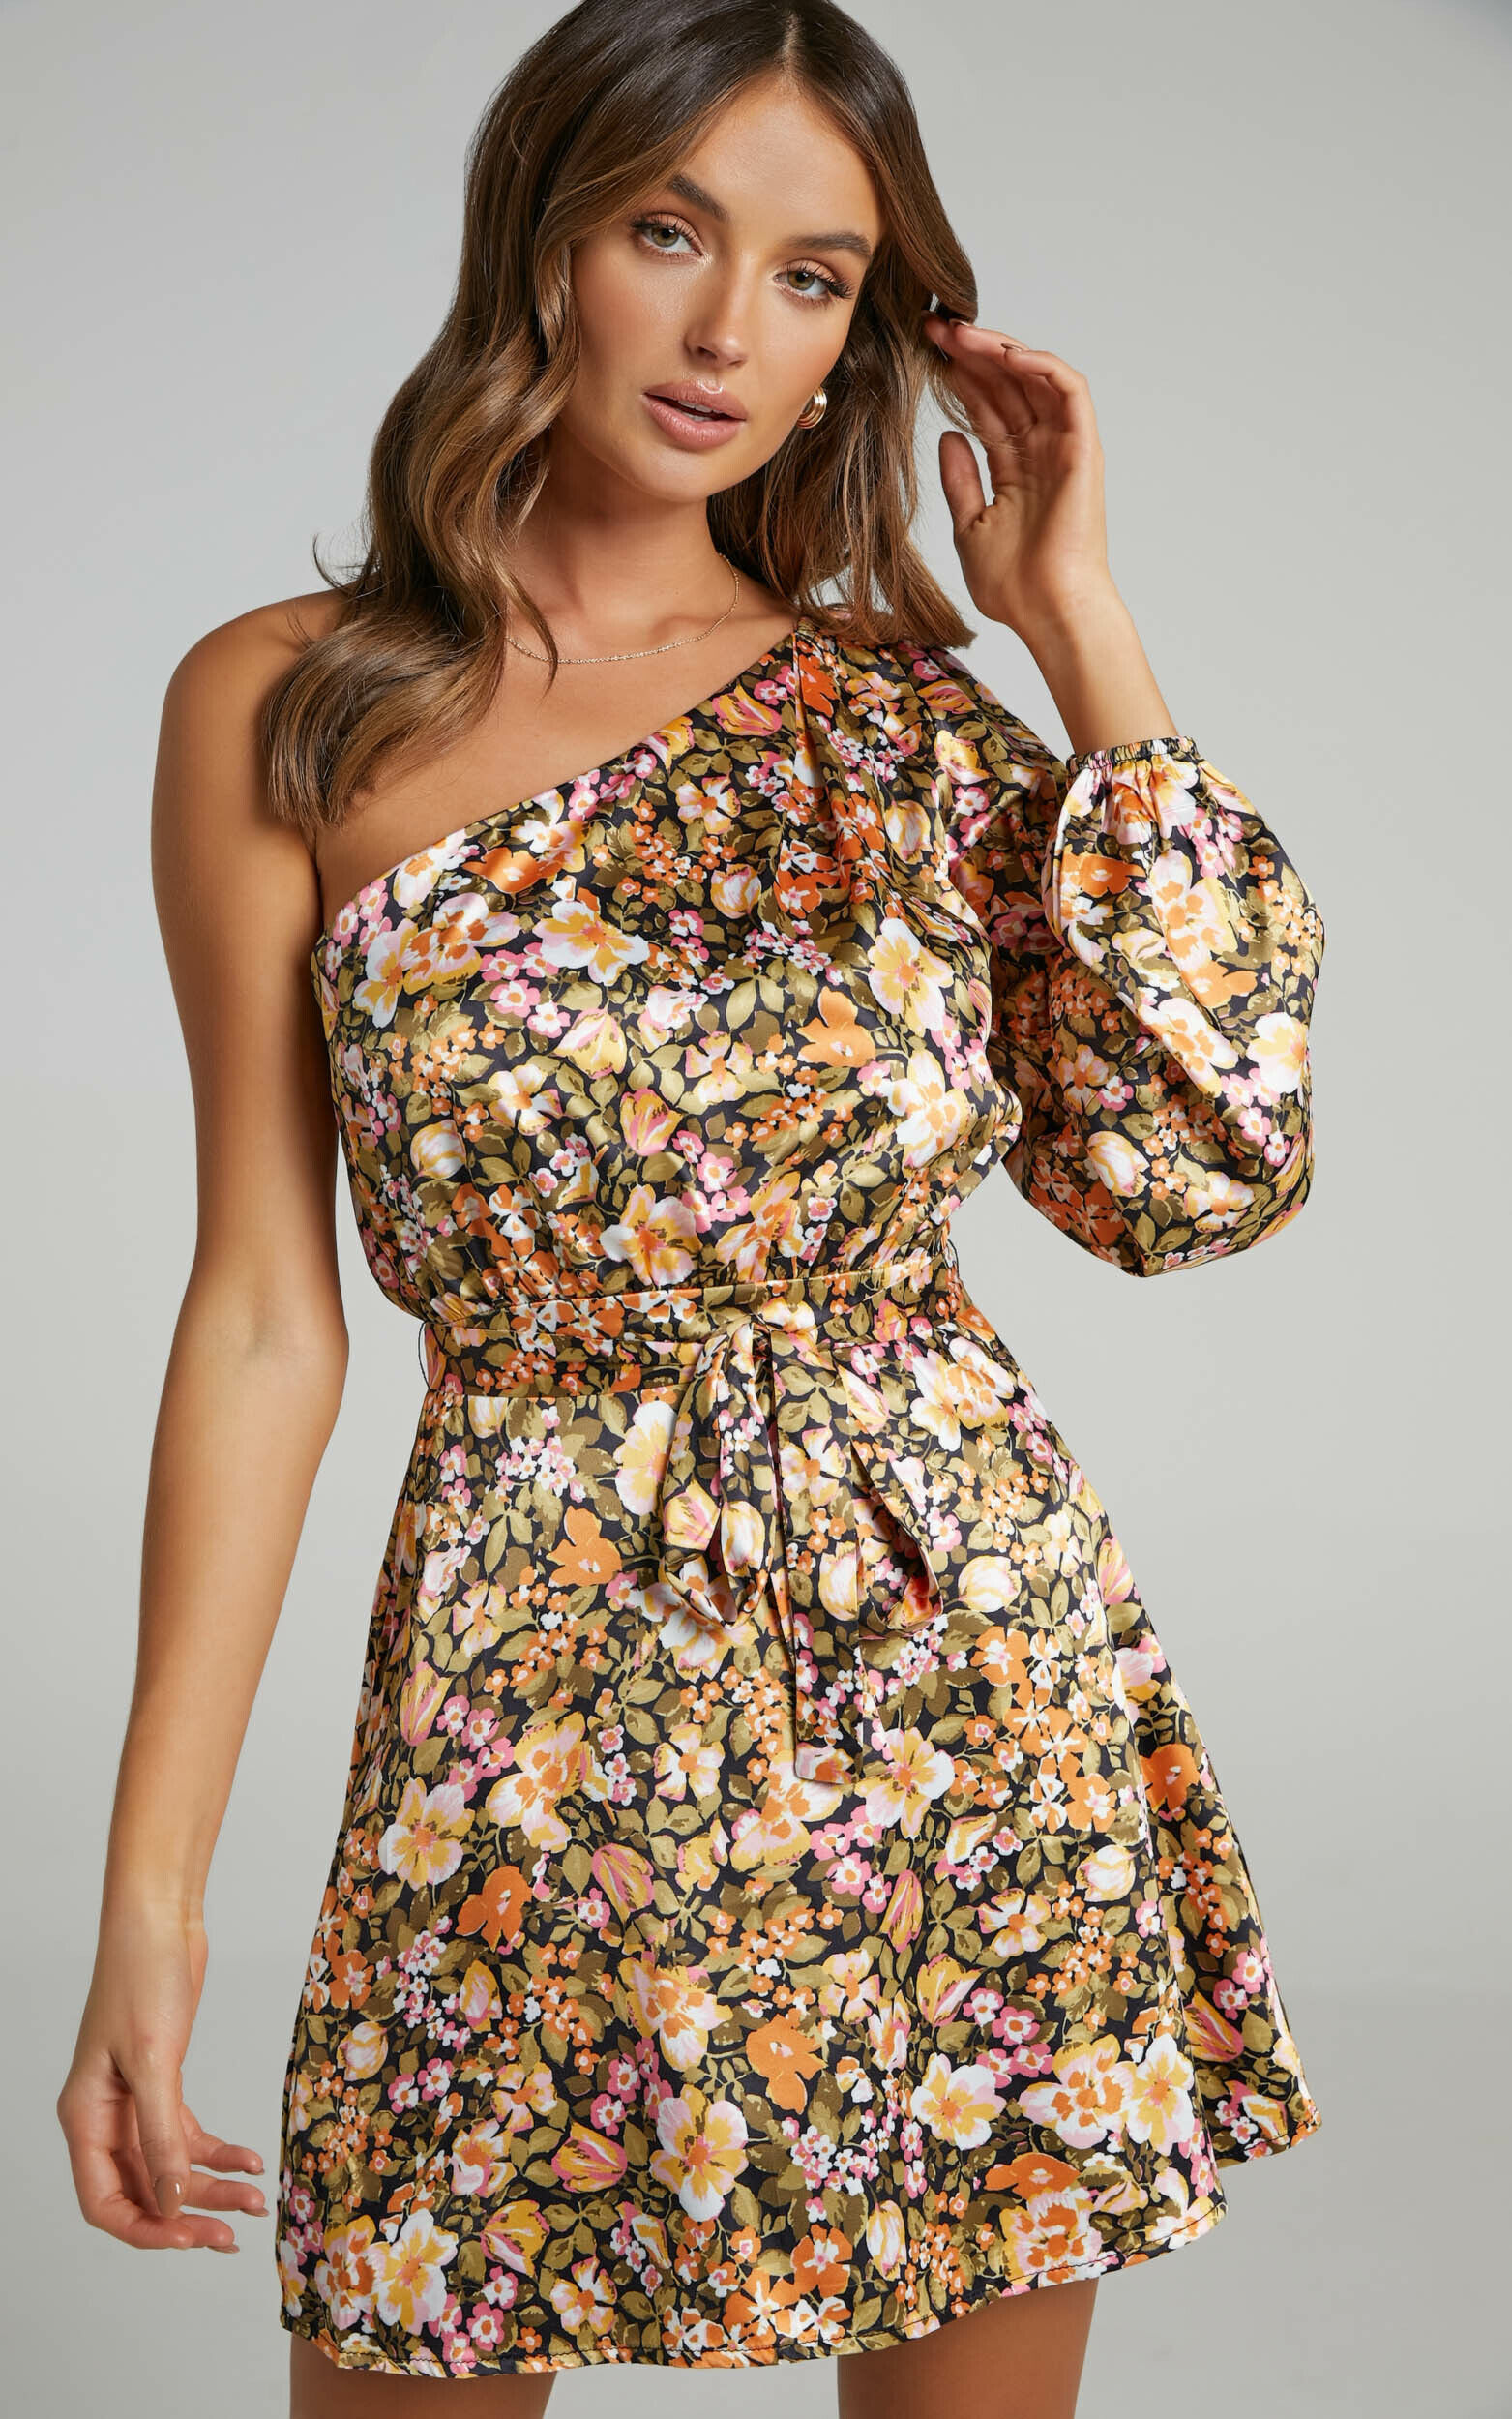 Odo One Shoulder Mini Dress in Black Floral - 04, BLK1, super-hi-res image number null